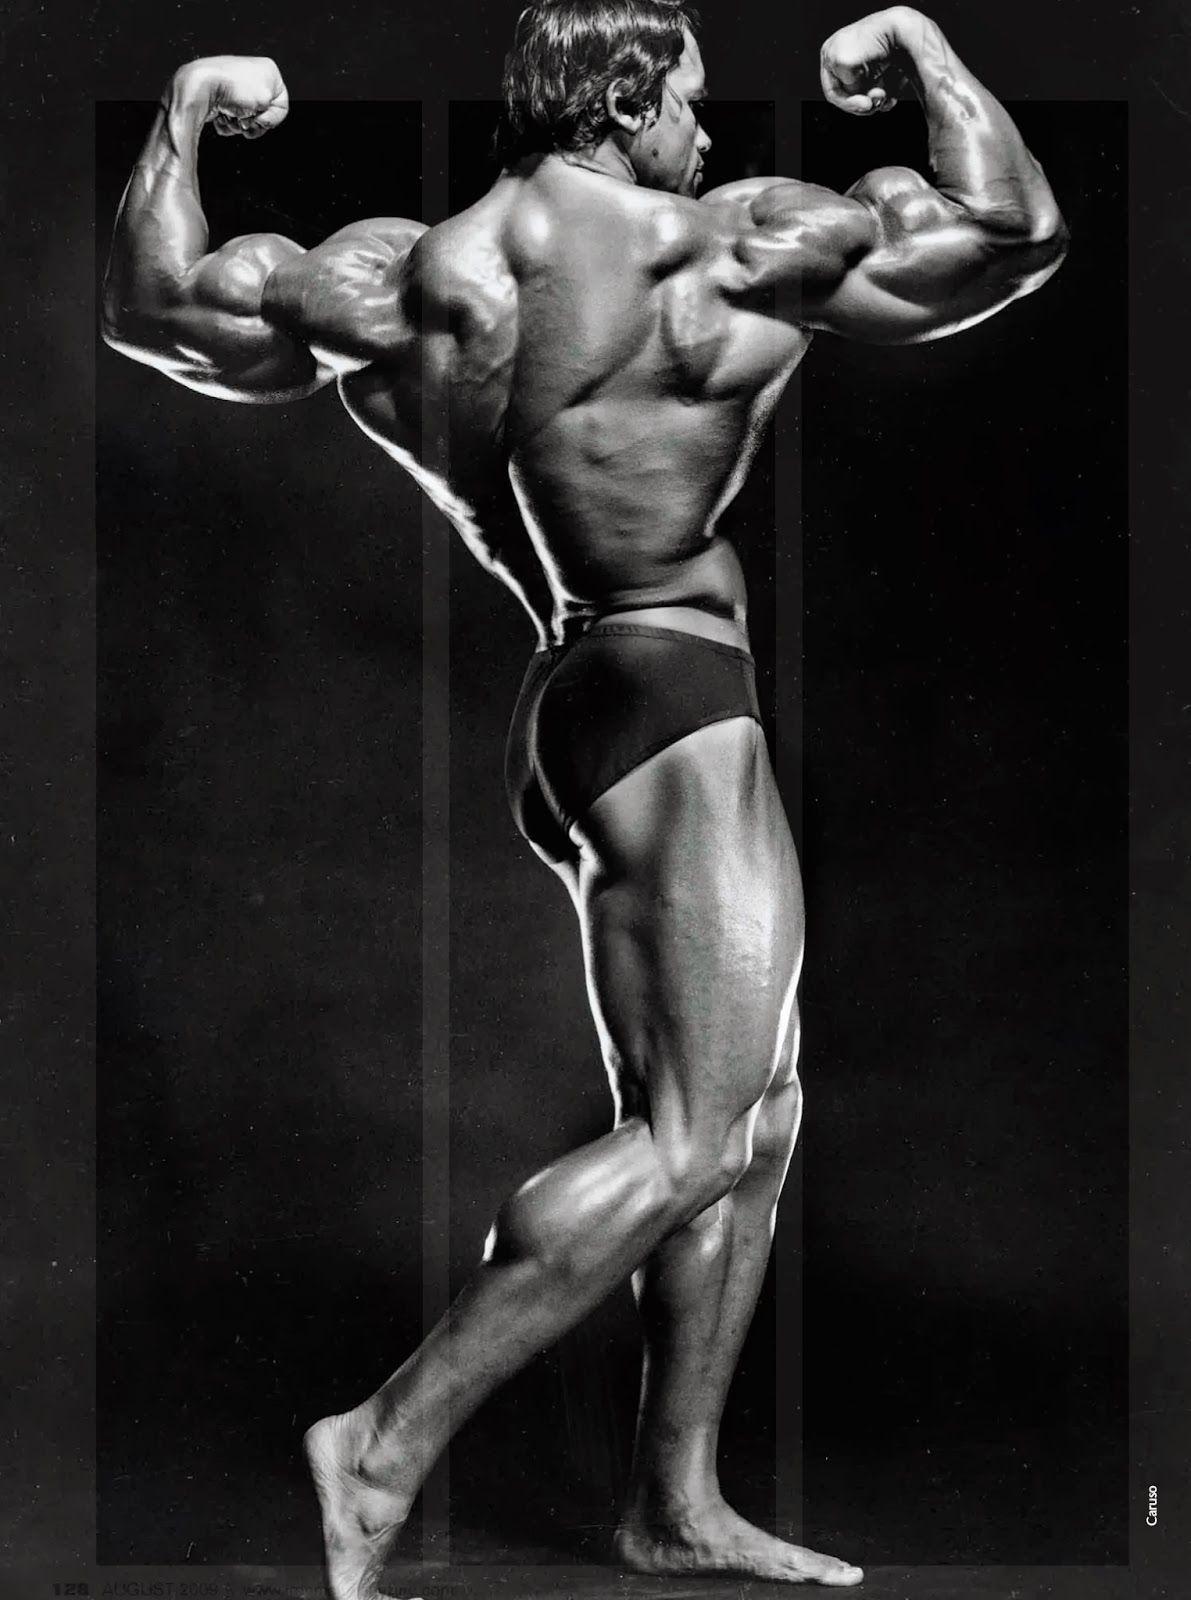 Arnold Schwarzenegger Working Out Wallpaper